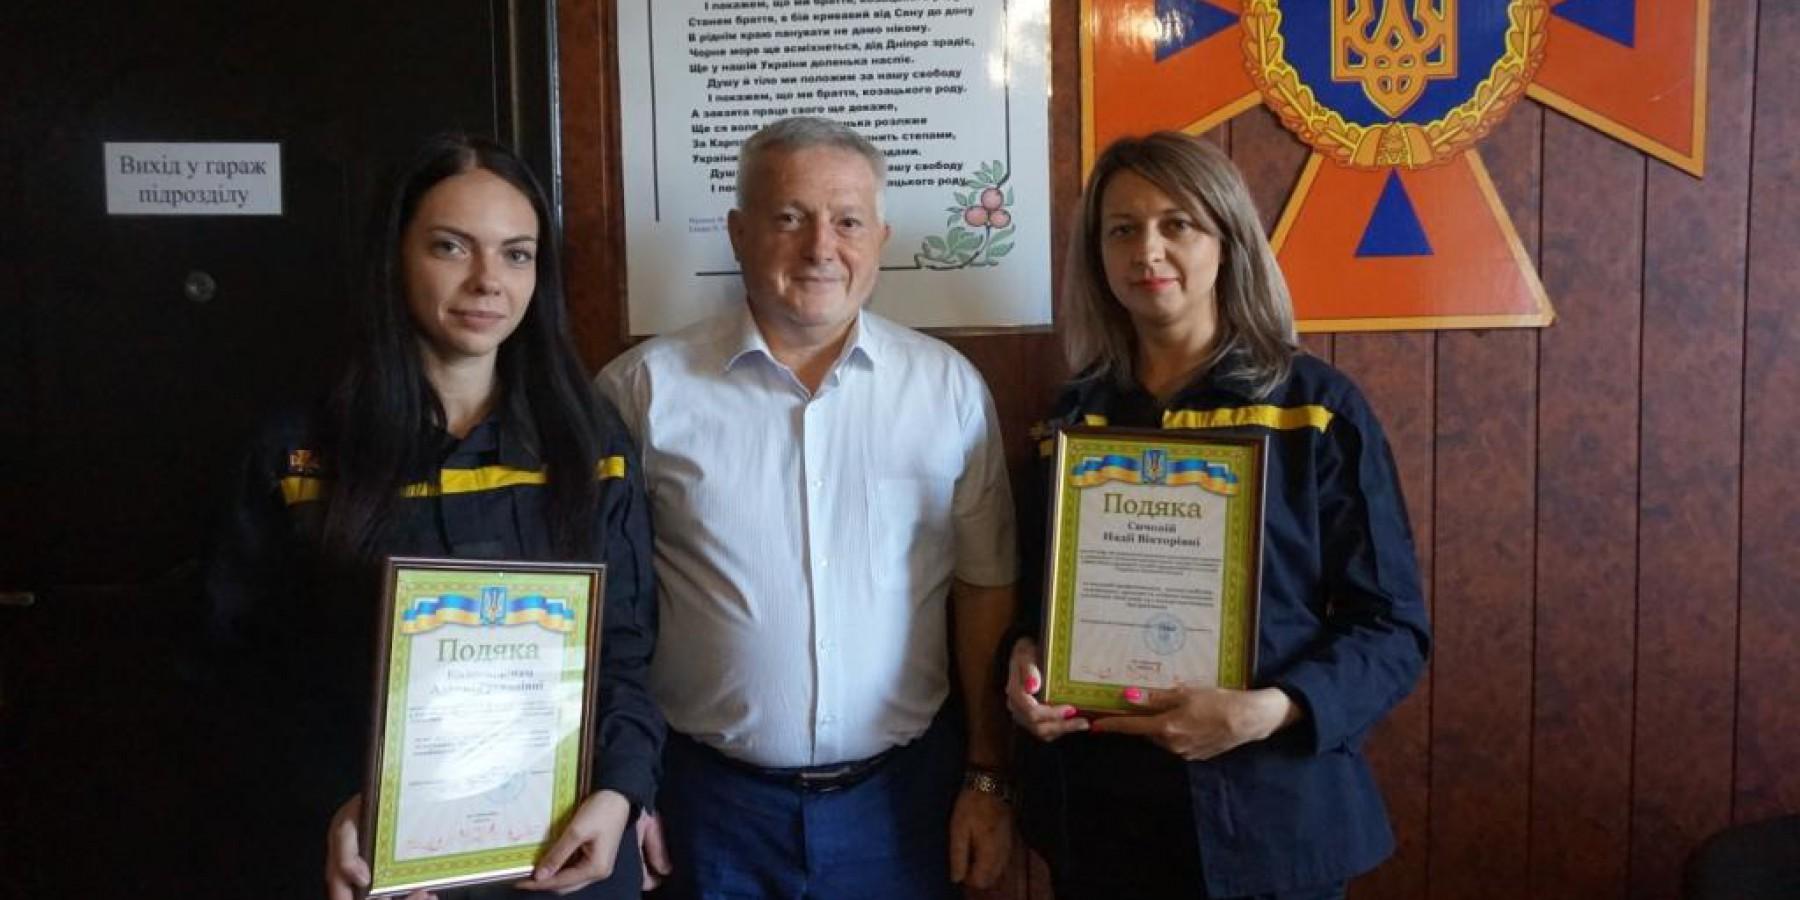 Любашівський селищний голова привітав рятувальників з професійним святом